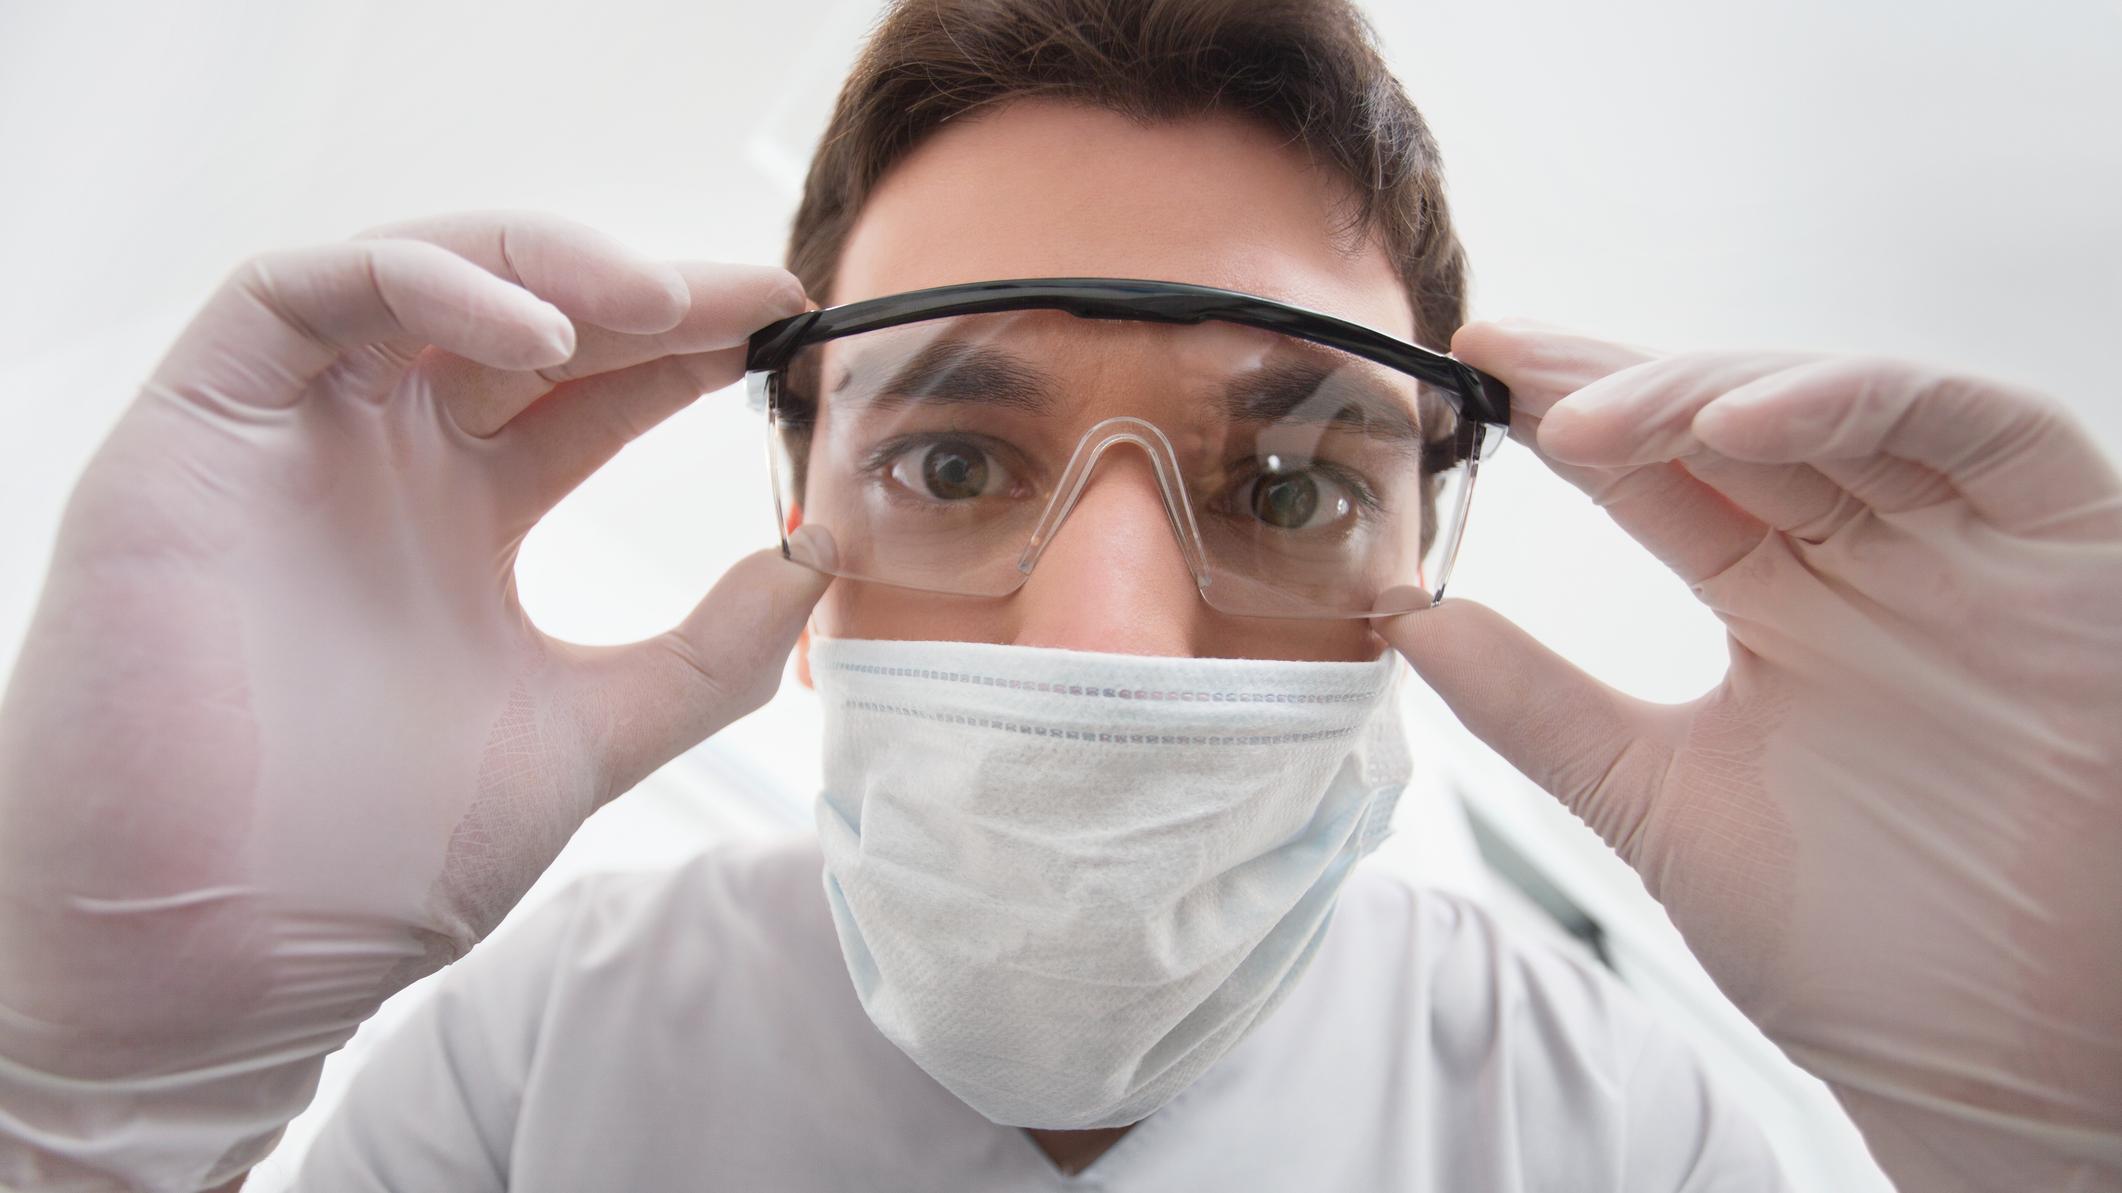 férgek a szájban melyik gyógyszer segít a férgek ellen